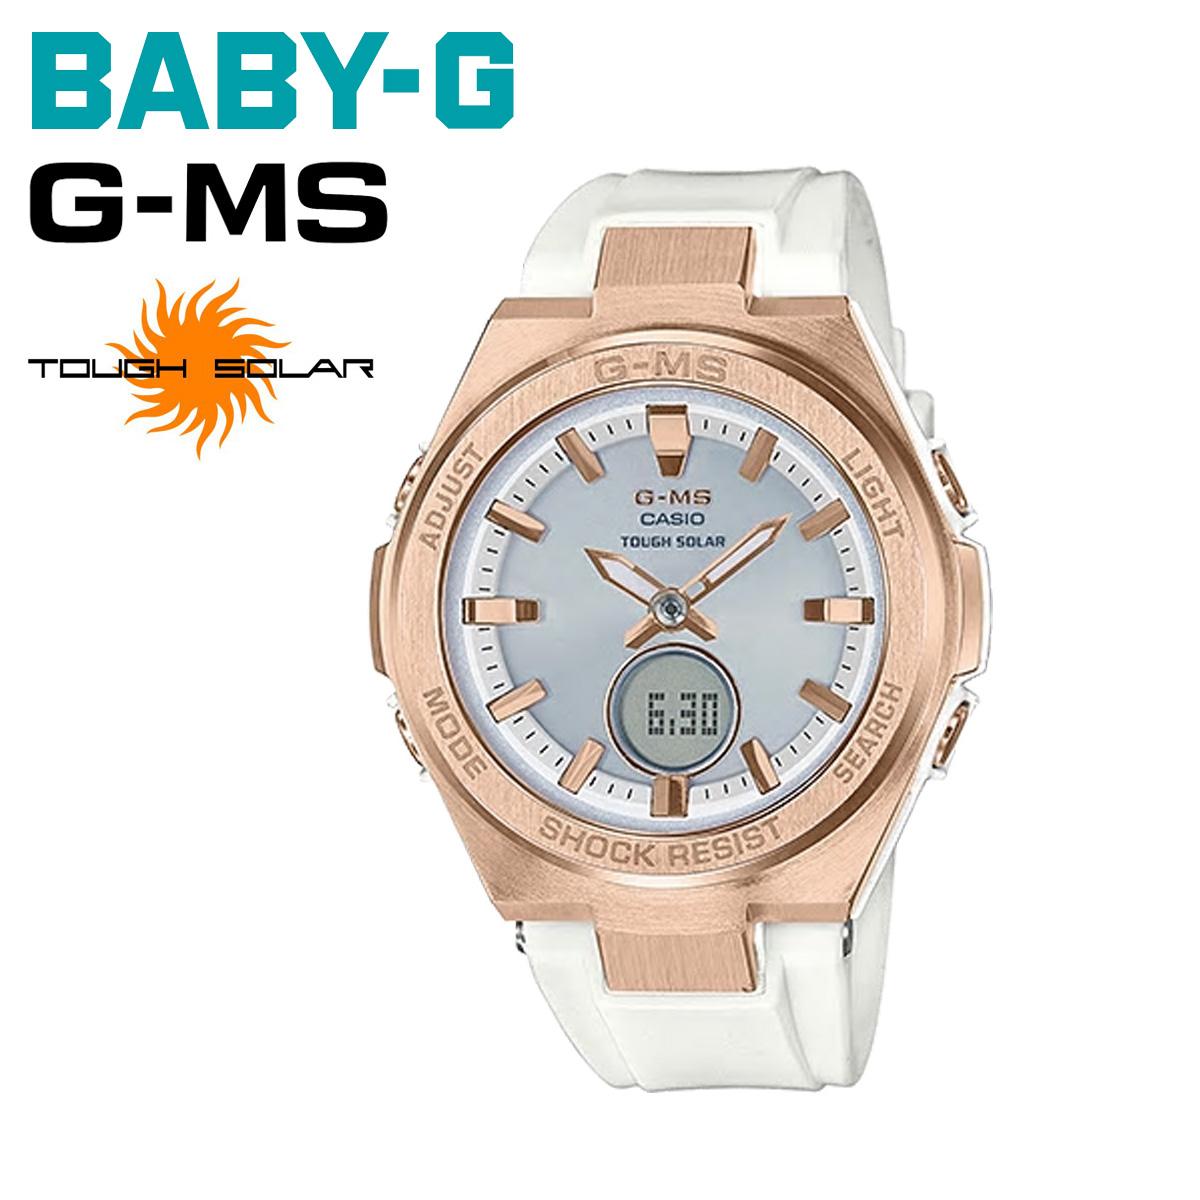 【ラッピング無料】CASIO カシオ G-MS ジーミズ BABY-G ベビージー ベビーG MSG-S200G-7A ソーラー 女性用 腕時計 レディース ウォッチ ホワイト 白 ローズゴールド アナデジ アナログ デジタル 防水 軽量 レディス babyg 時計